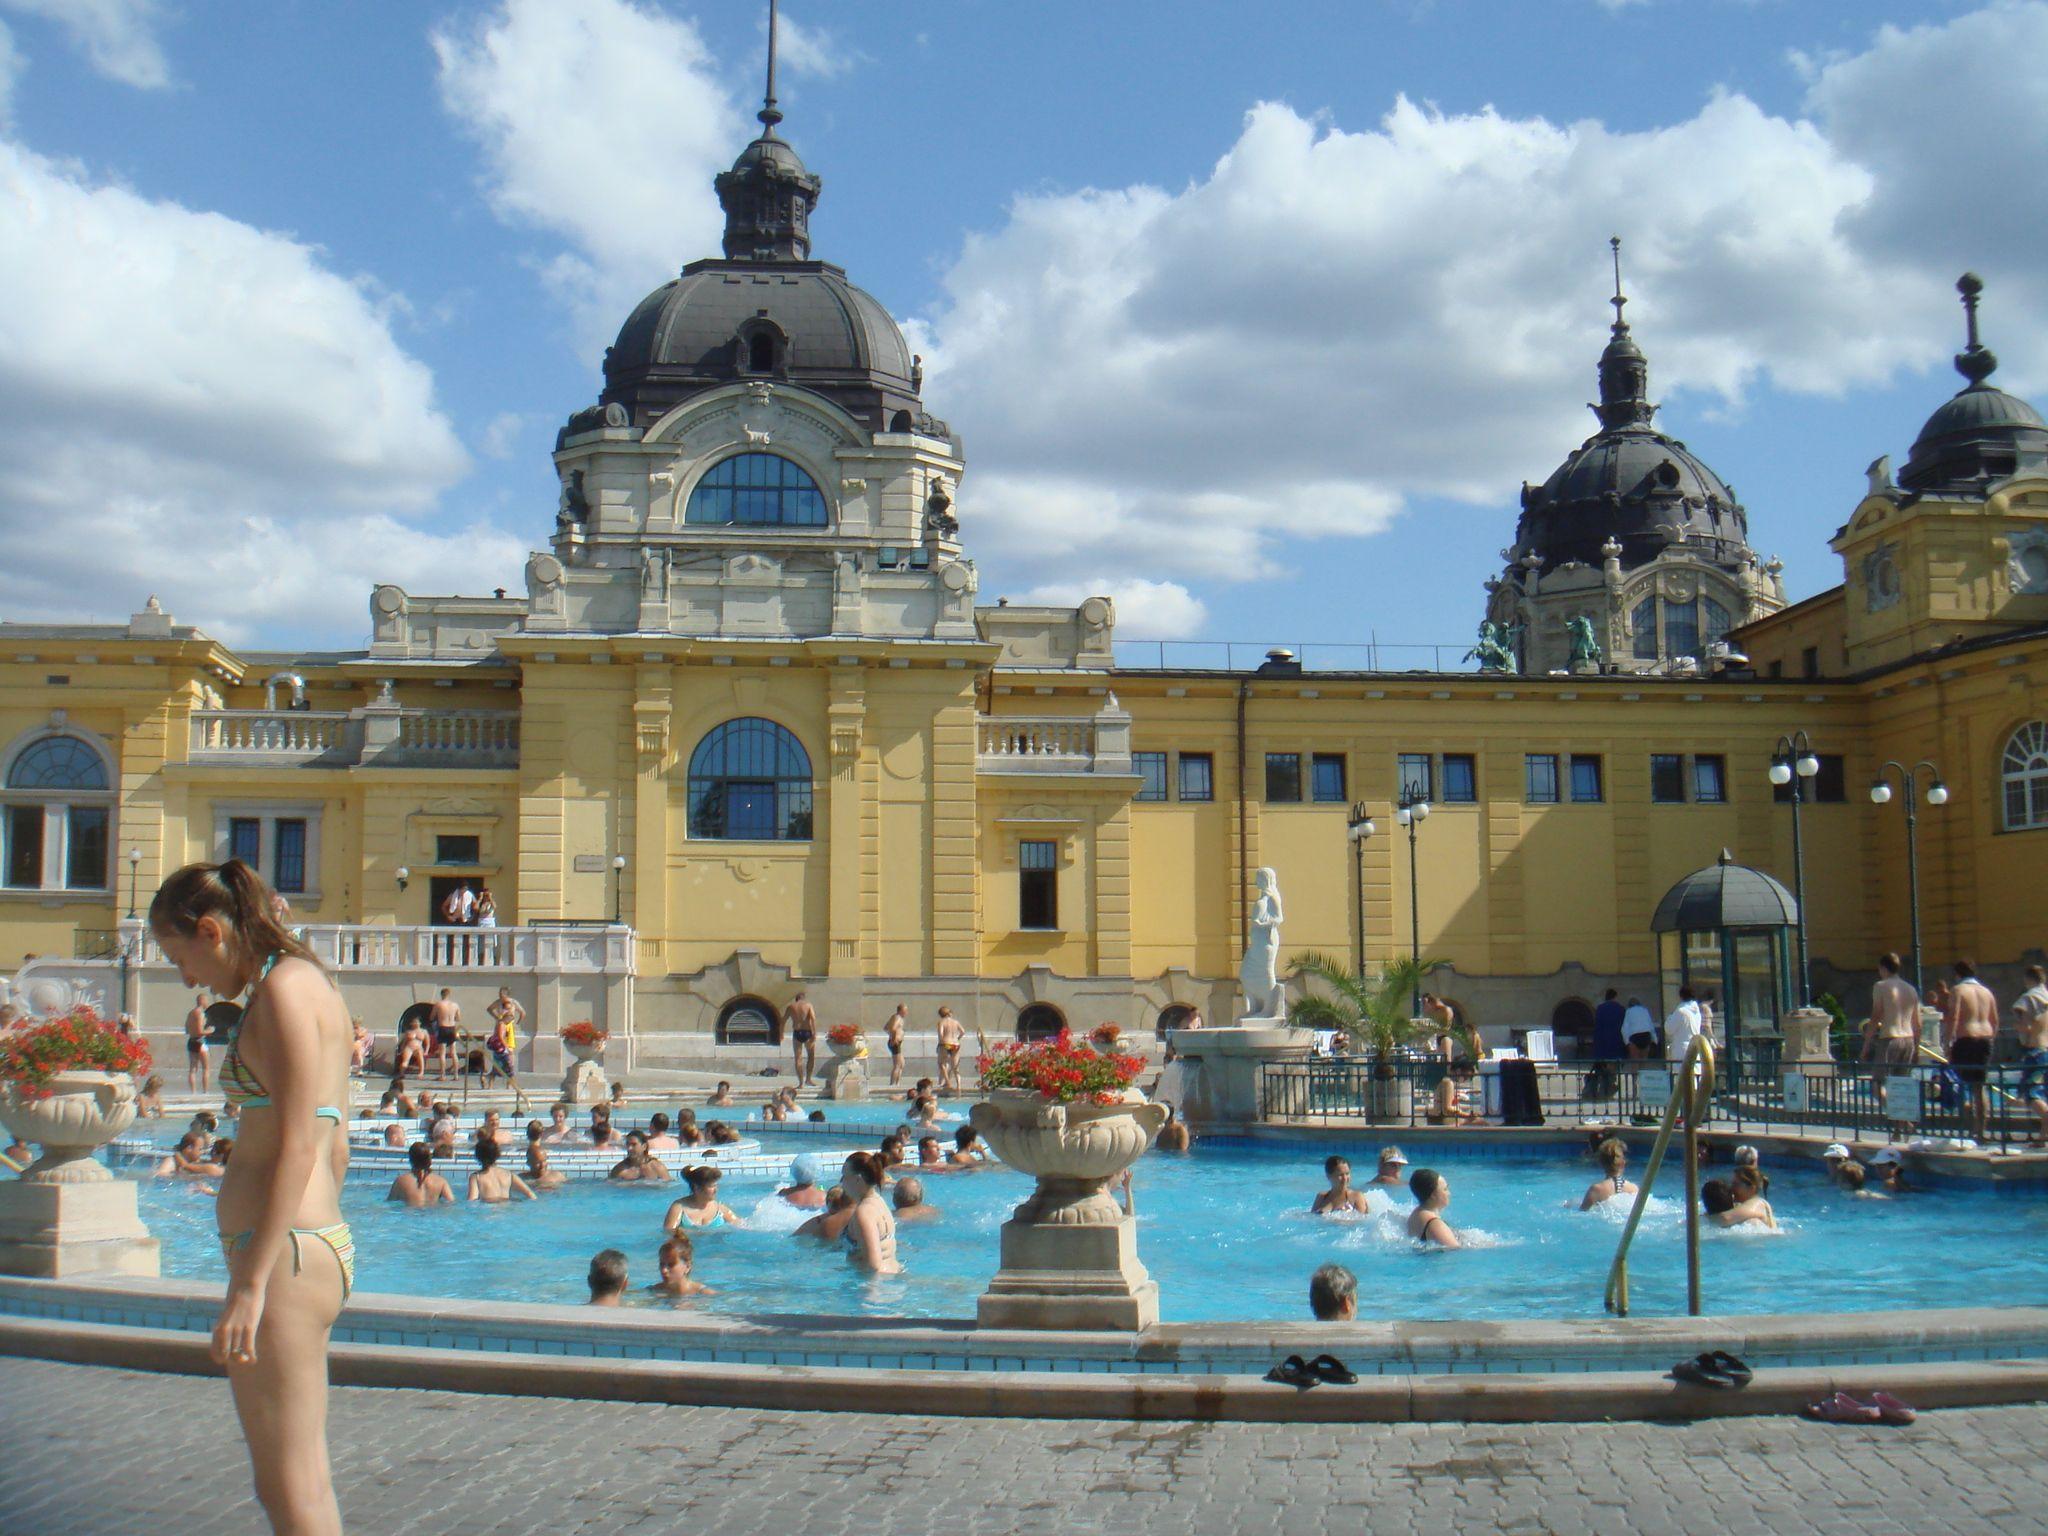 Széchenyi bath, Budapest, Hungary